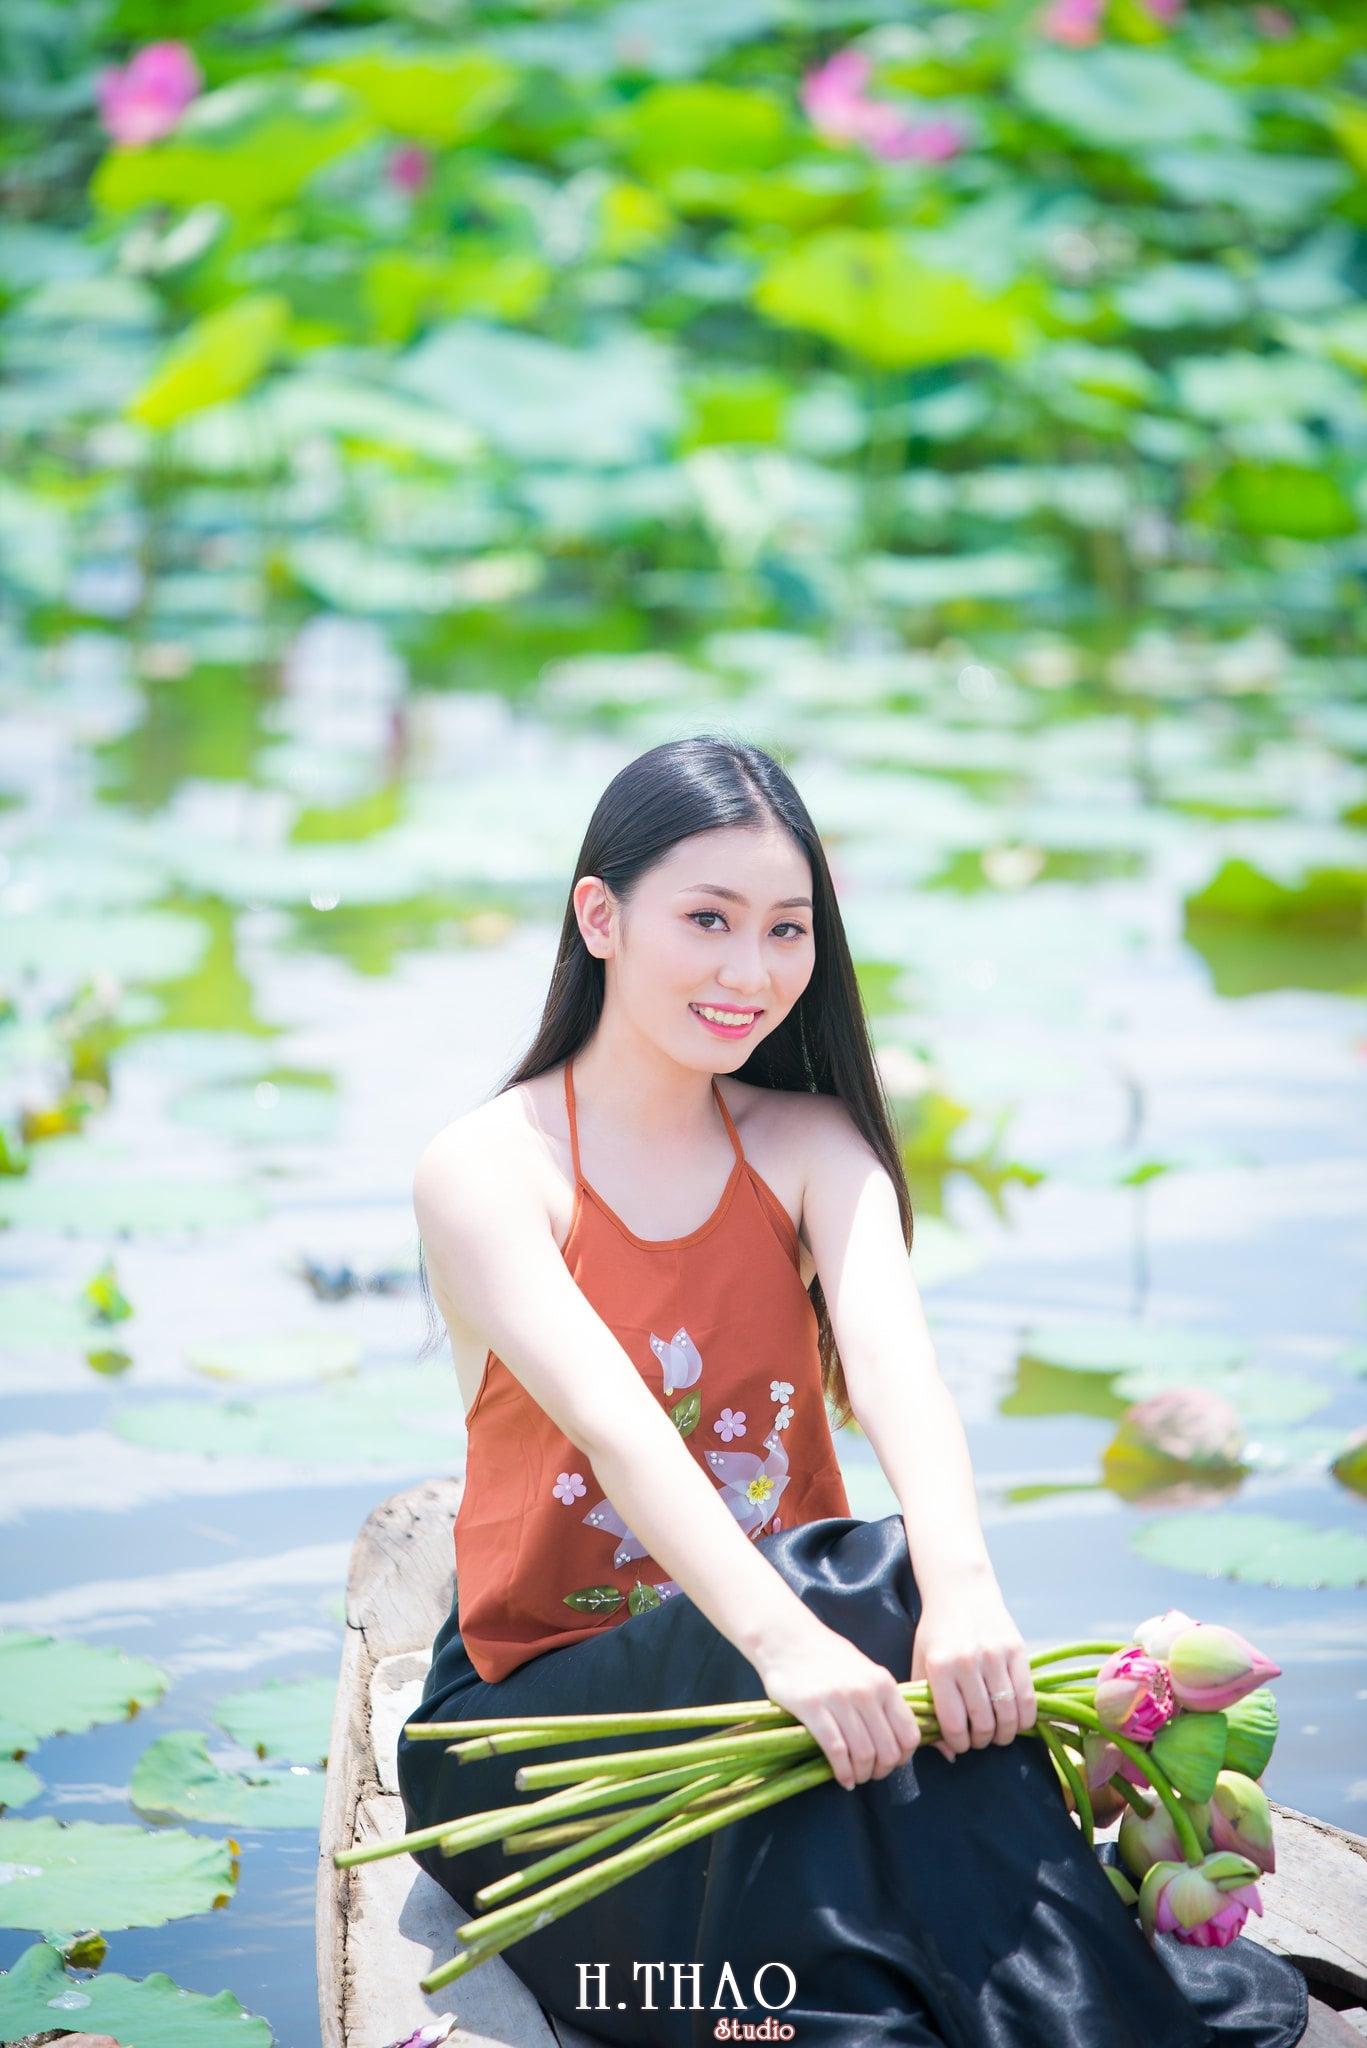 ao yem hoa sen 7 - Album ảnh chụp áo yếm với hoa sen đẹp dịu dàng - HThao Studio